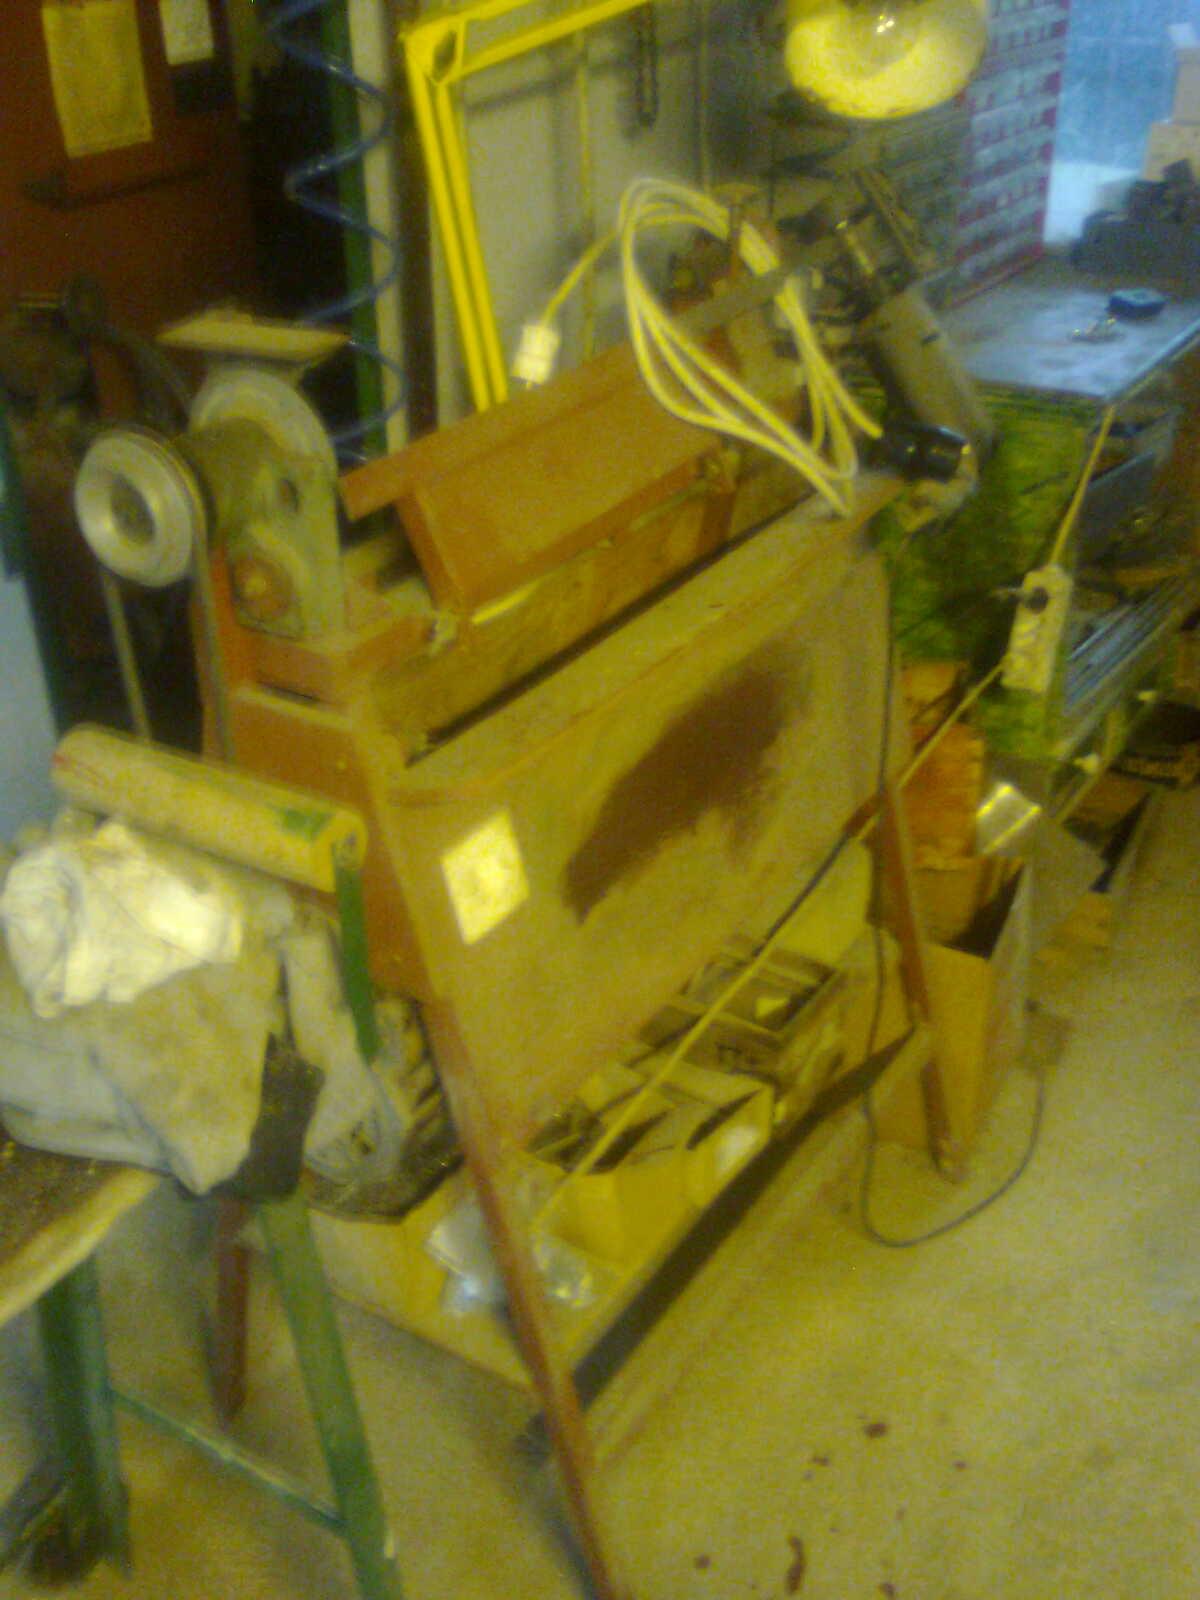 Šupe za mehanizaciju,kučne radionice i alati - Page 2 Slika0643